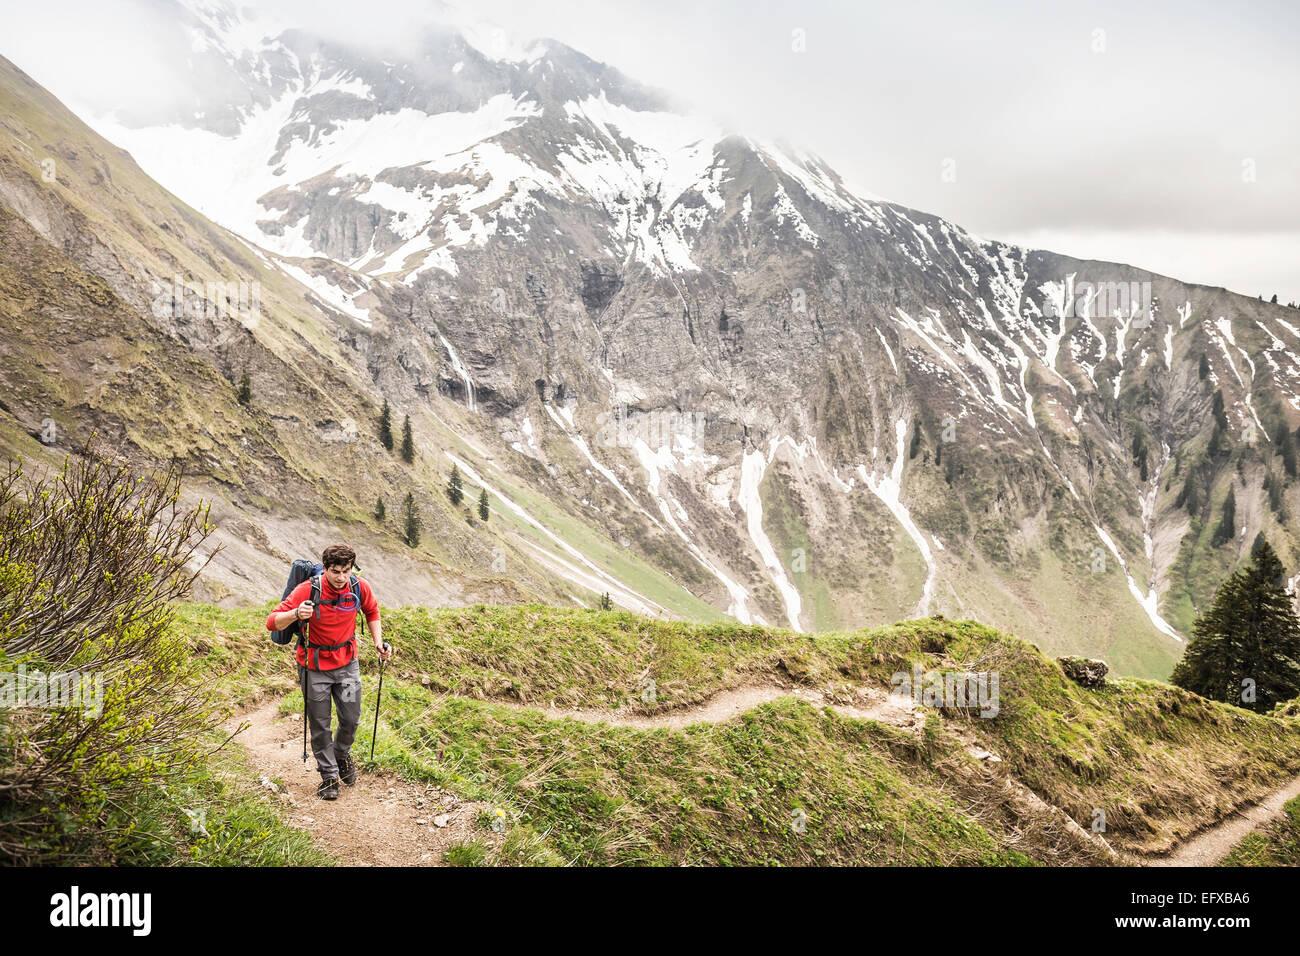 Junger Mann, Mountainbike, Wandern, Oberstdorf, Bayern, Deutschland Stockbild